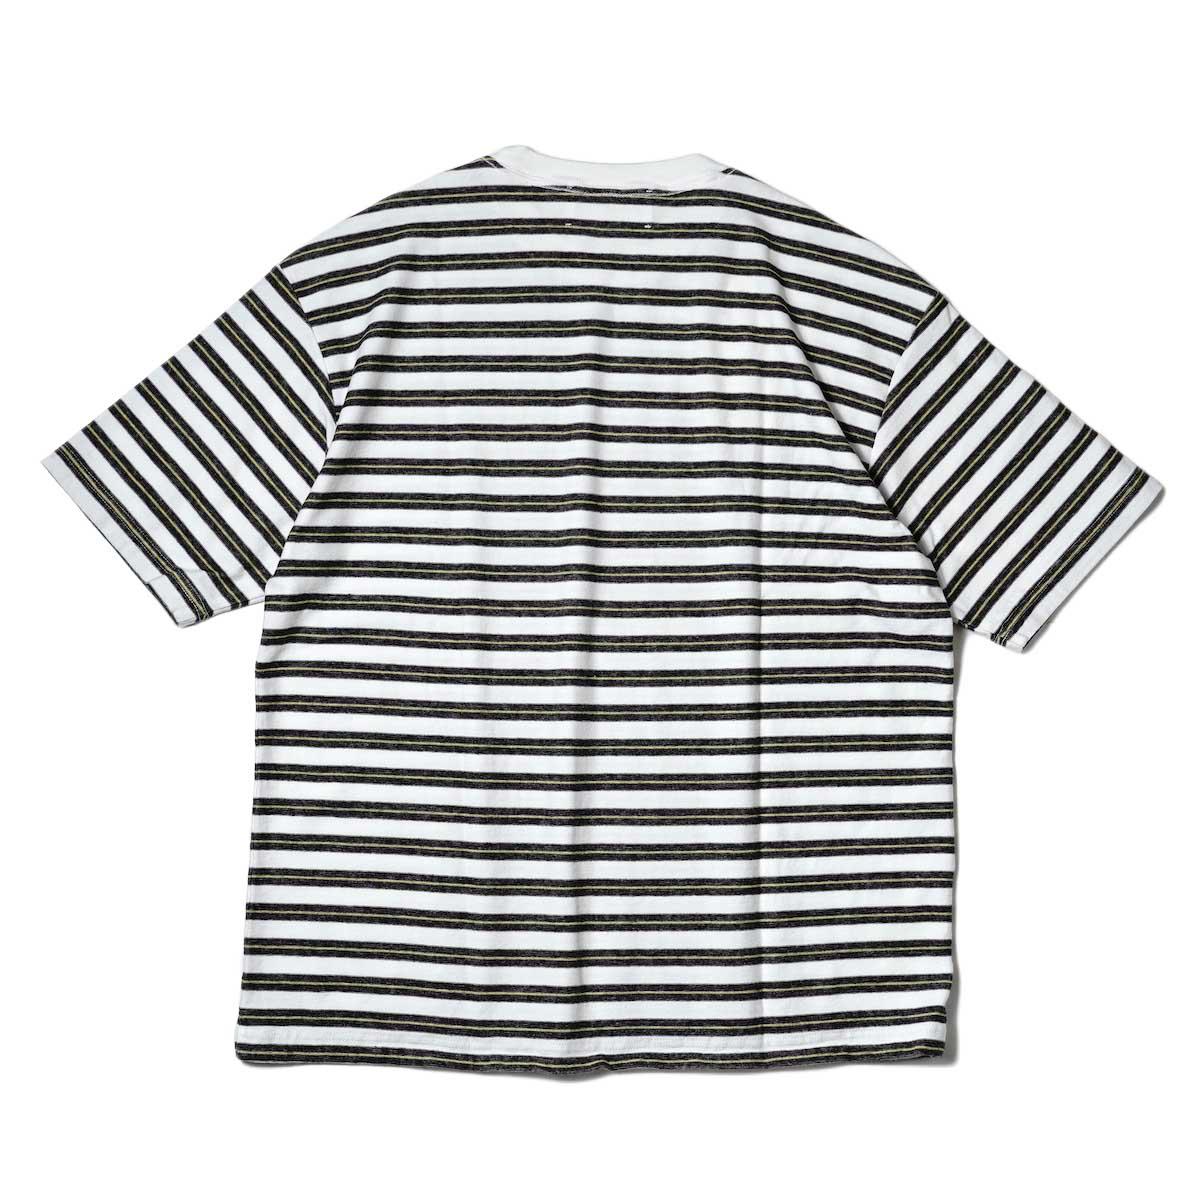 UNUSED / US2109 S/S Border Tee (White × Black) 背面